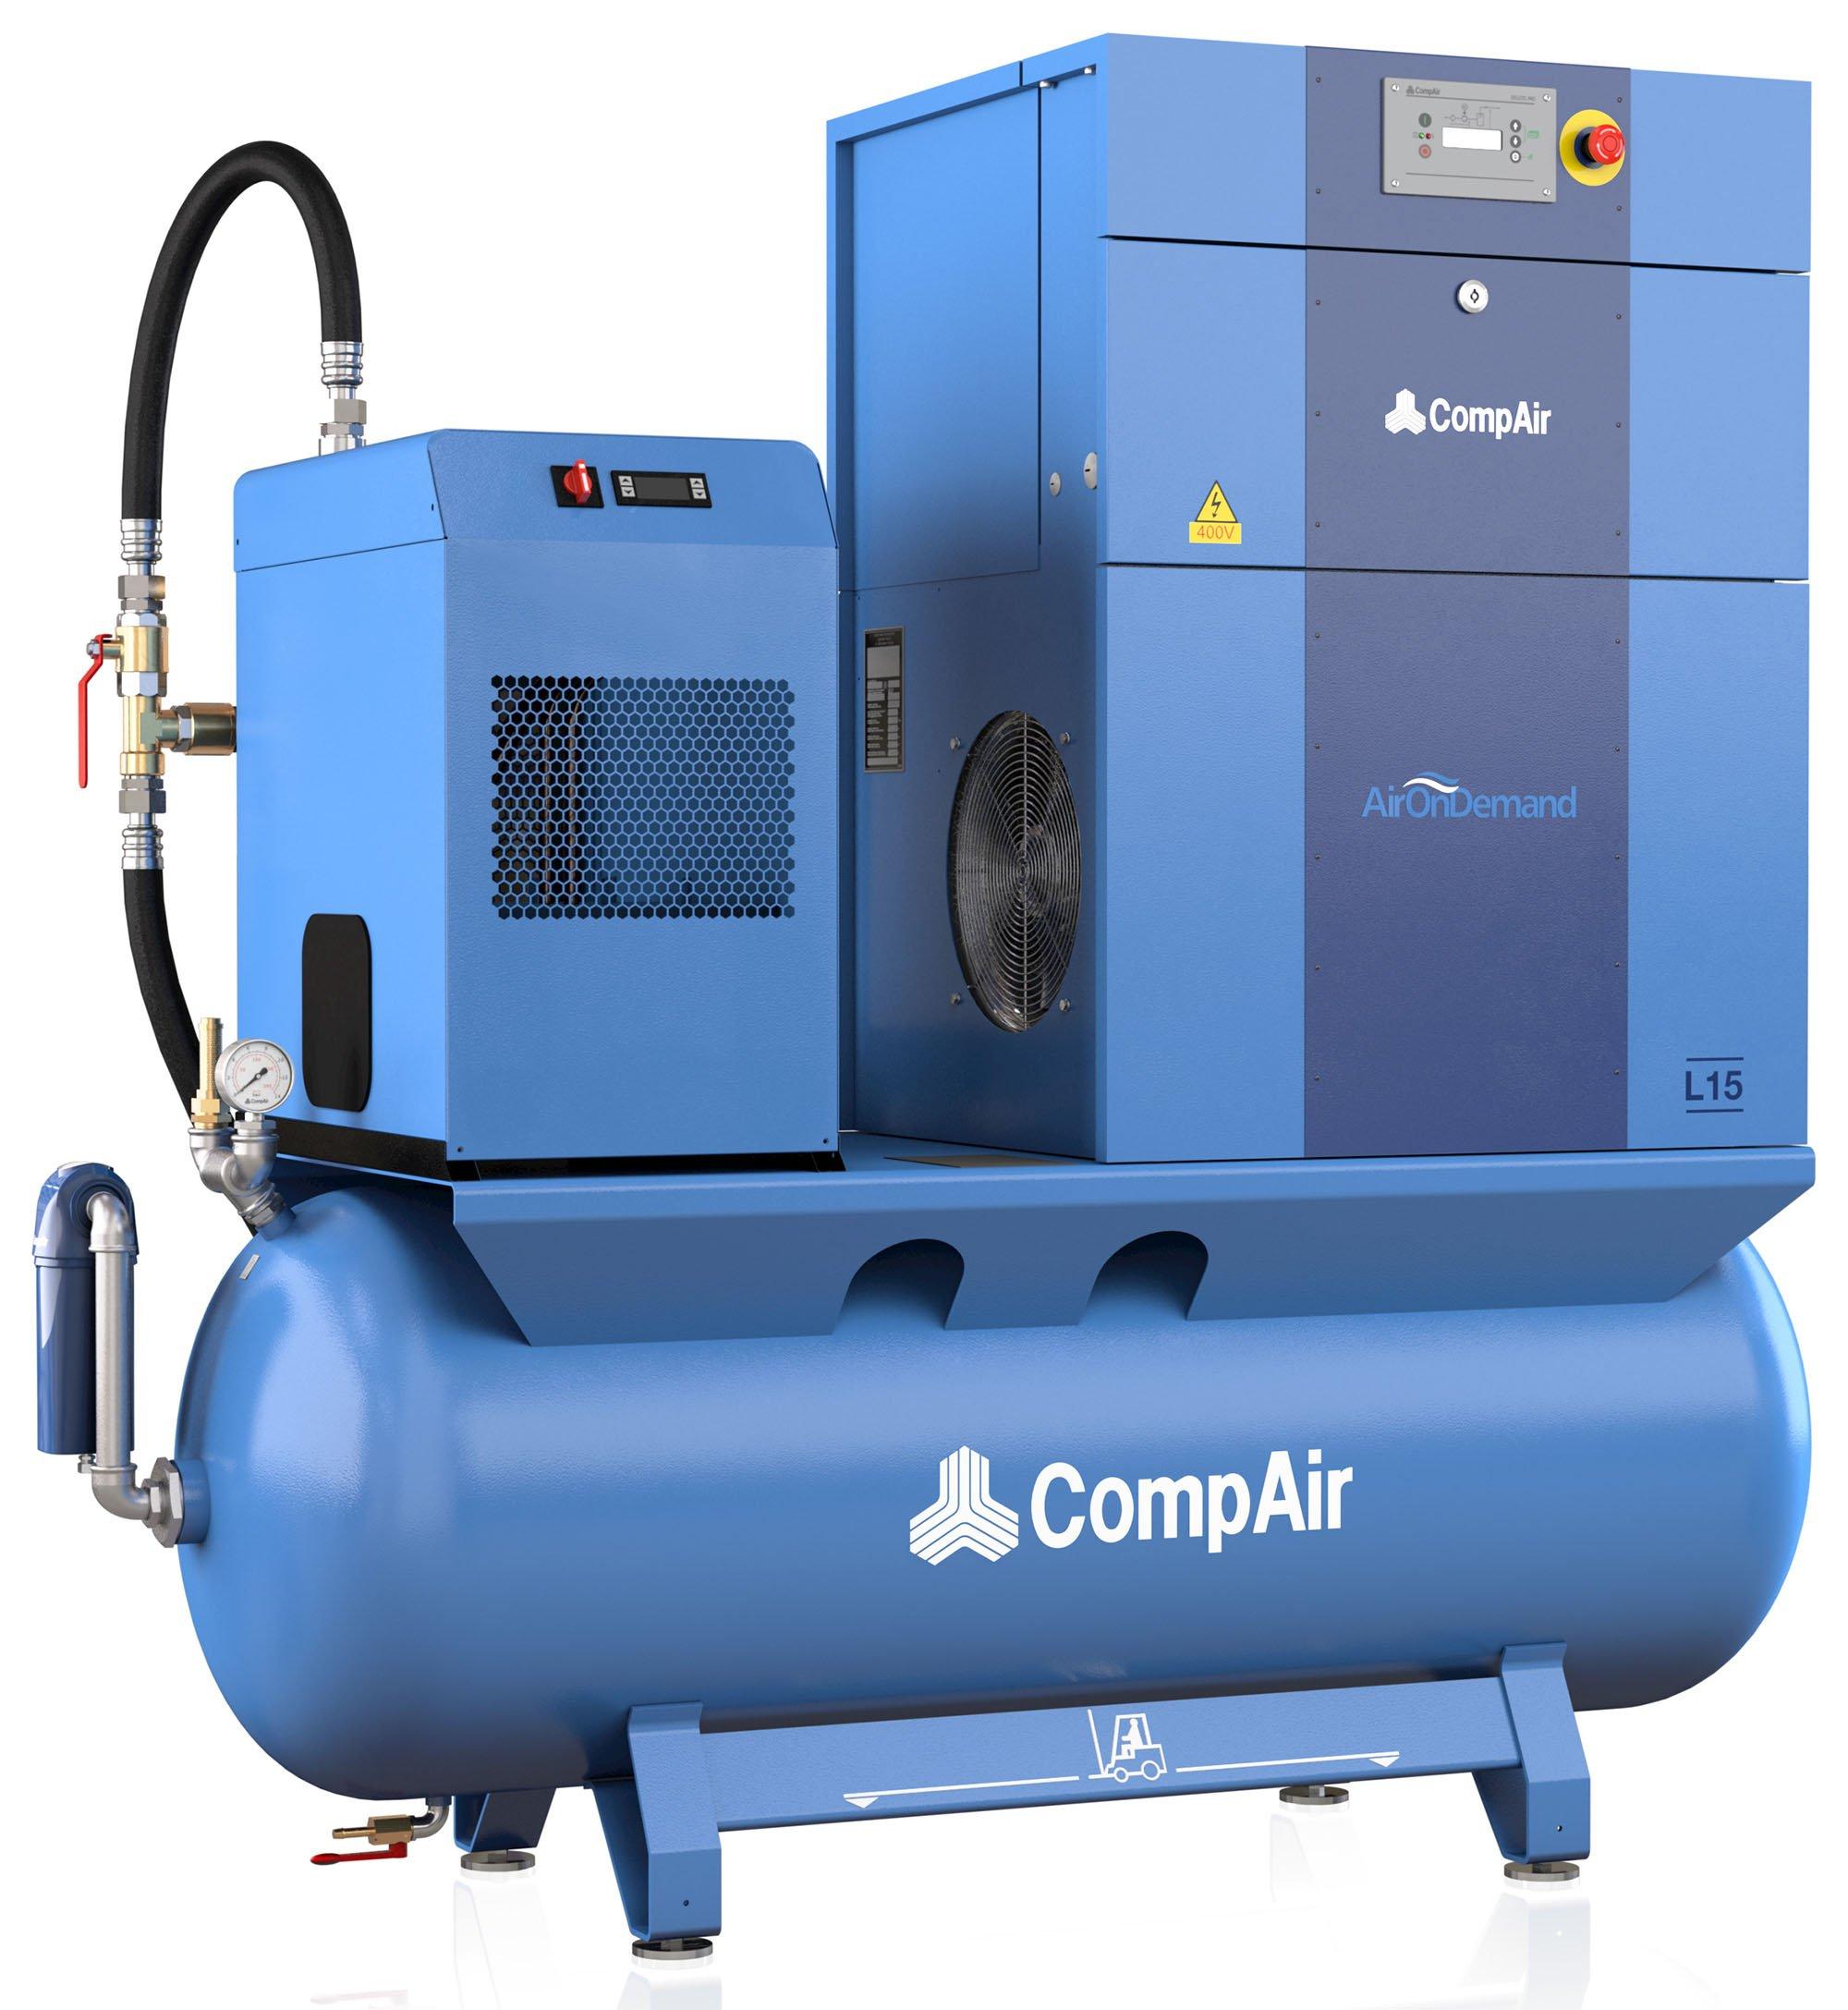 CompAir L15 AirStation Compressor